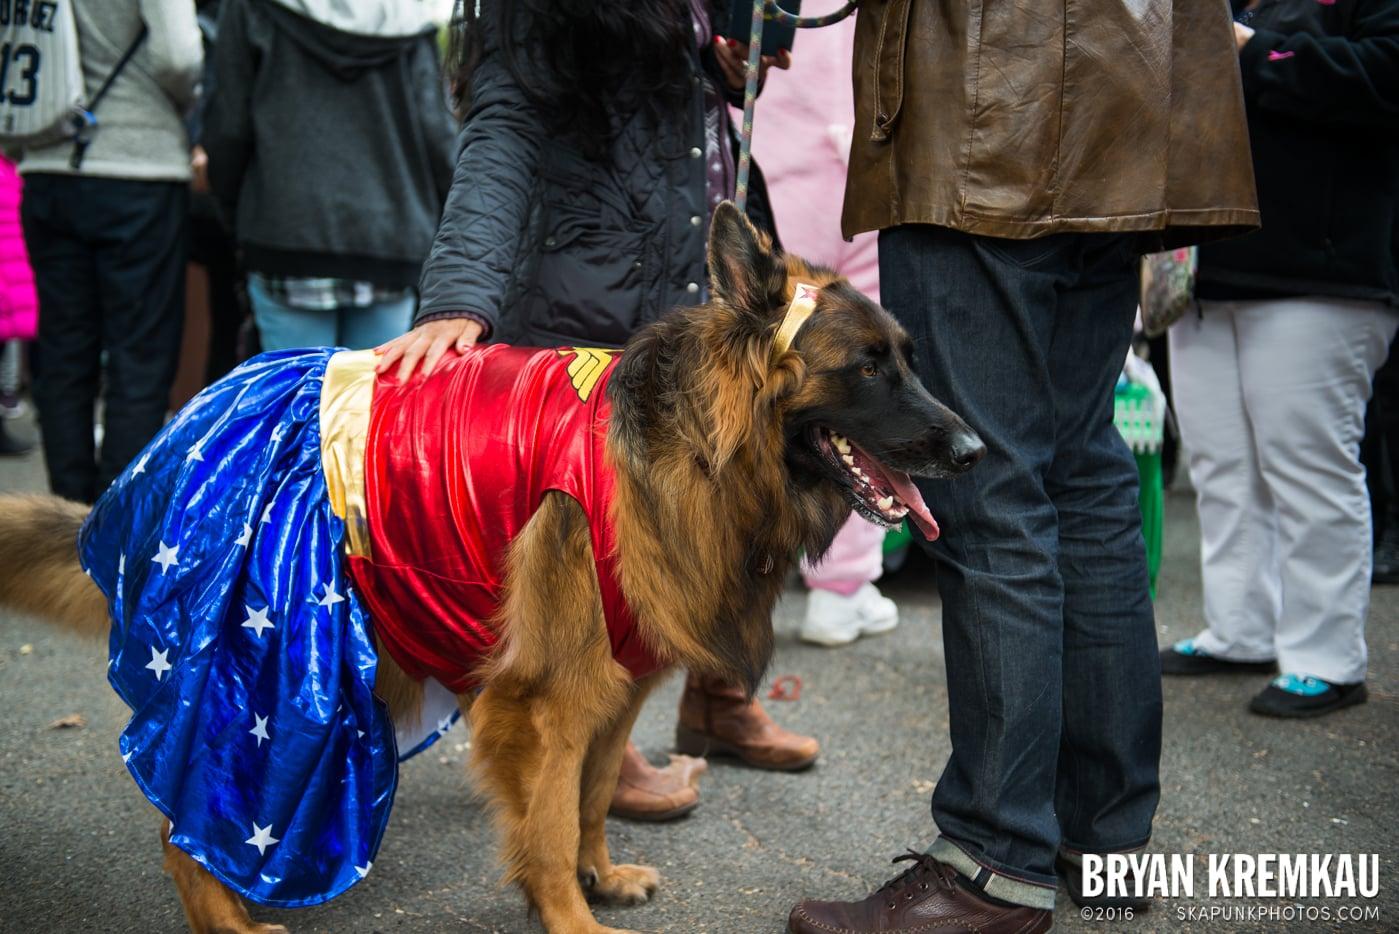 Tompkins Square Halloween Dog Parade 2015 @ Tompkins Square Park, NYC – 10.24.15 (42)